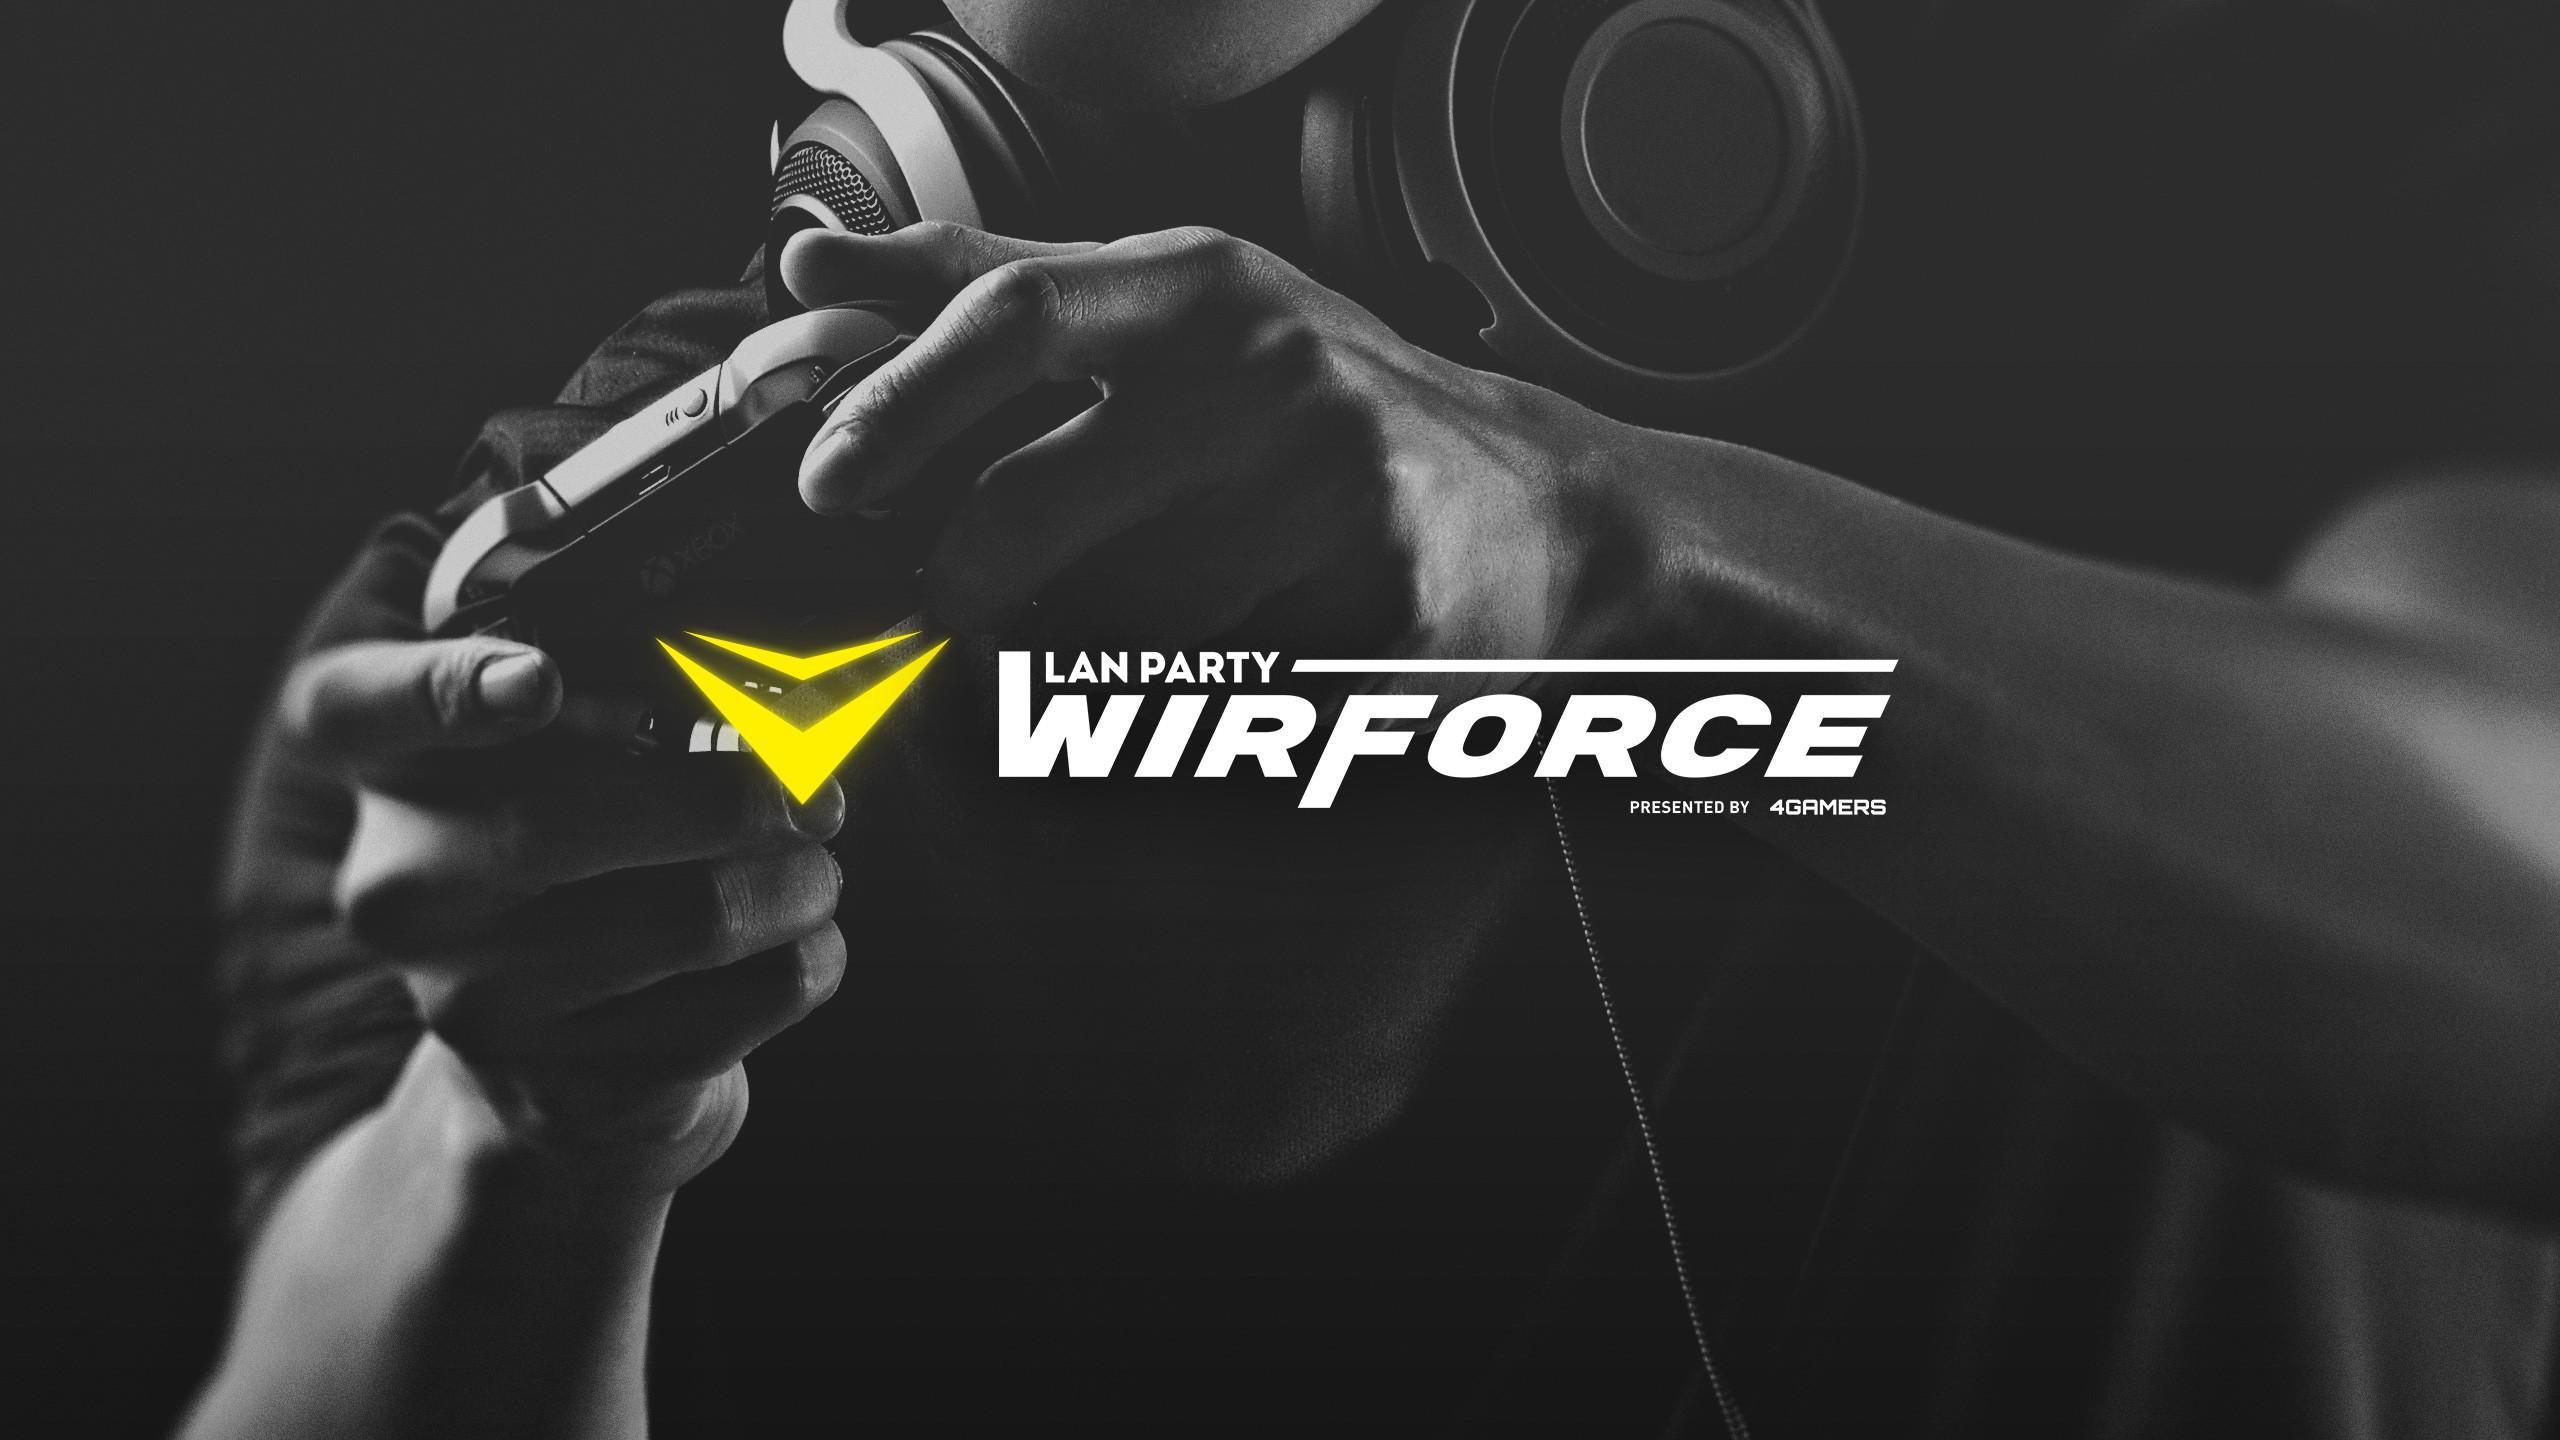 Wallpaper Gamer Taiwan Brand 4gamers Wirforce Lan